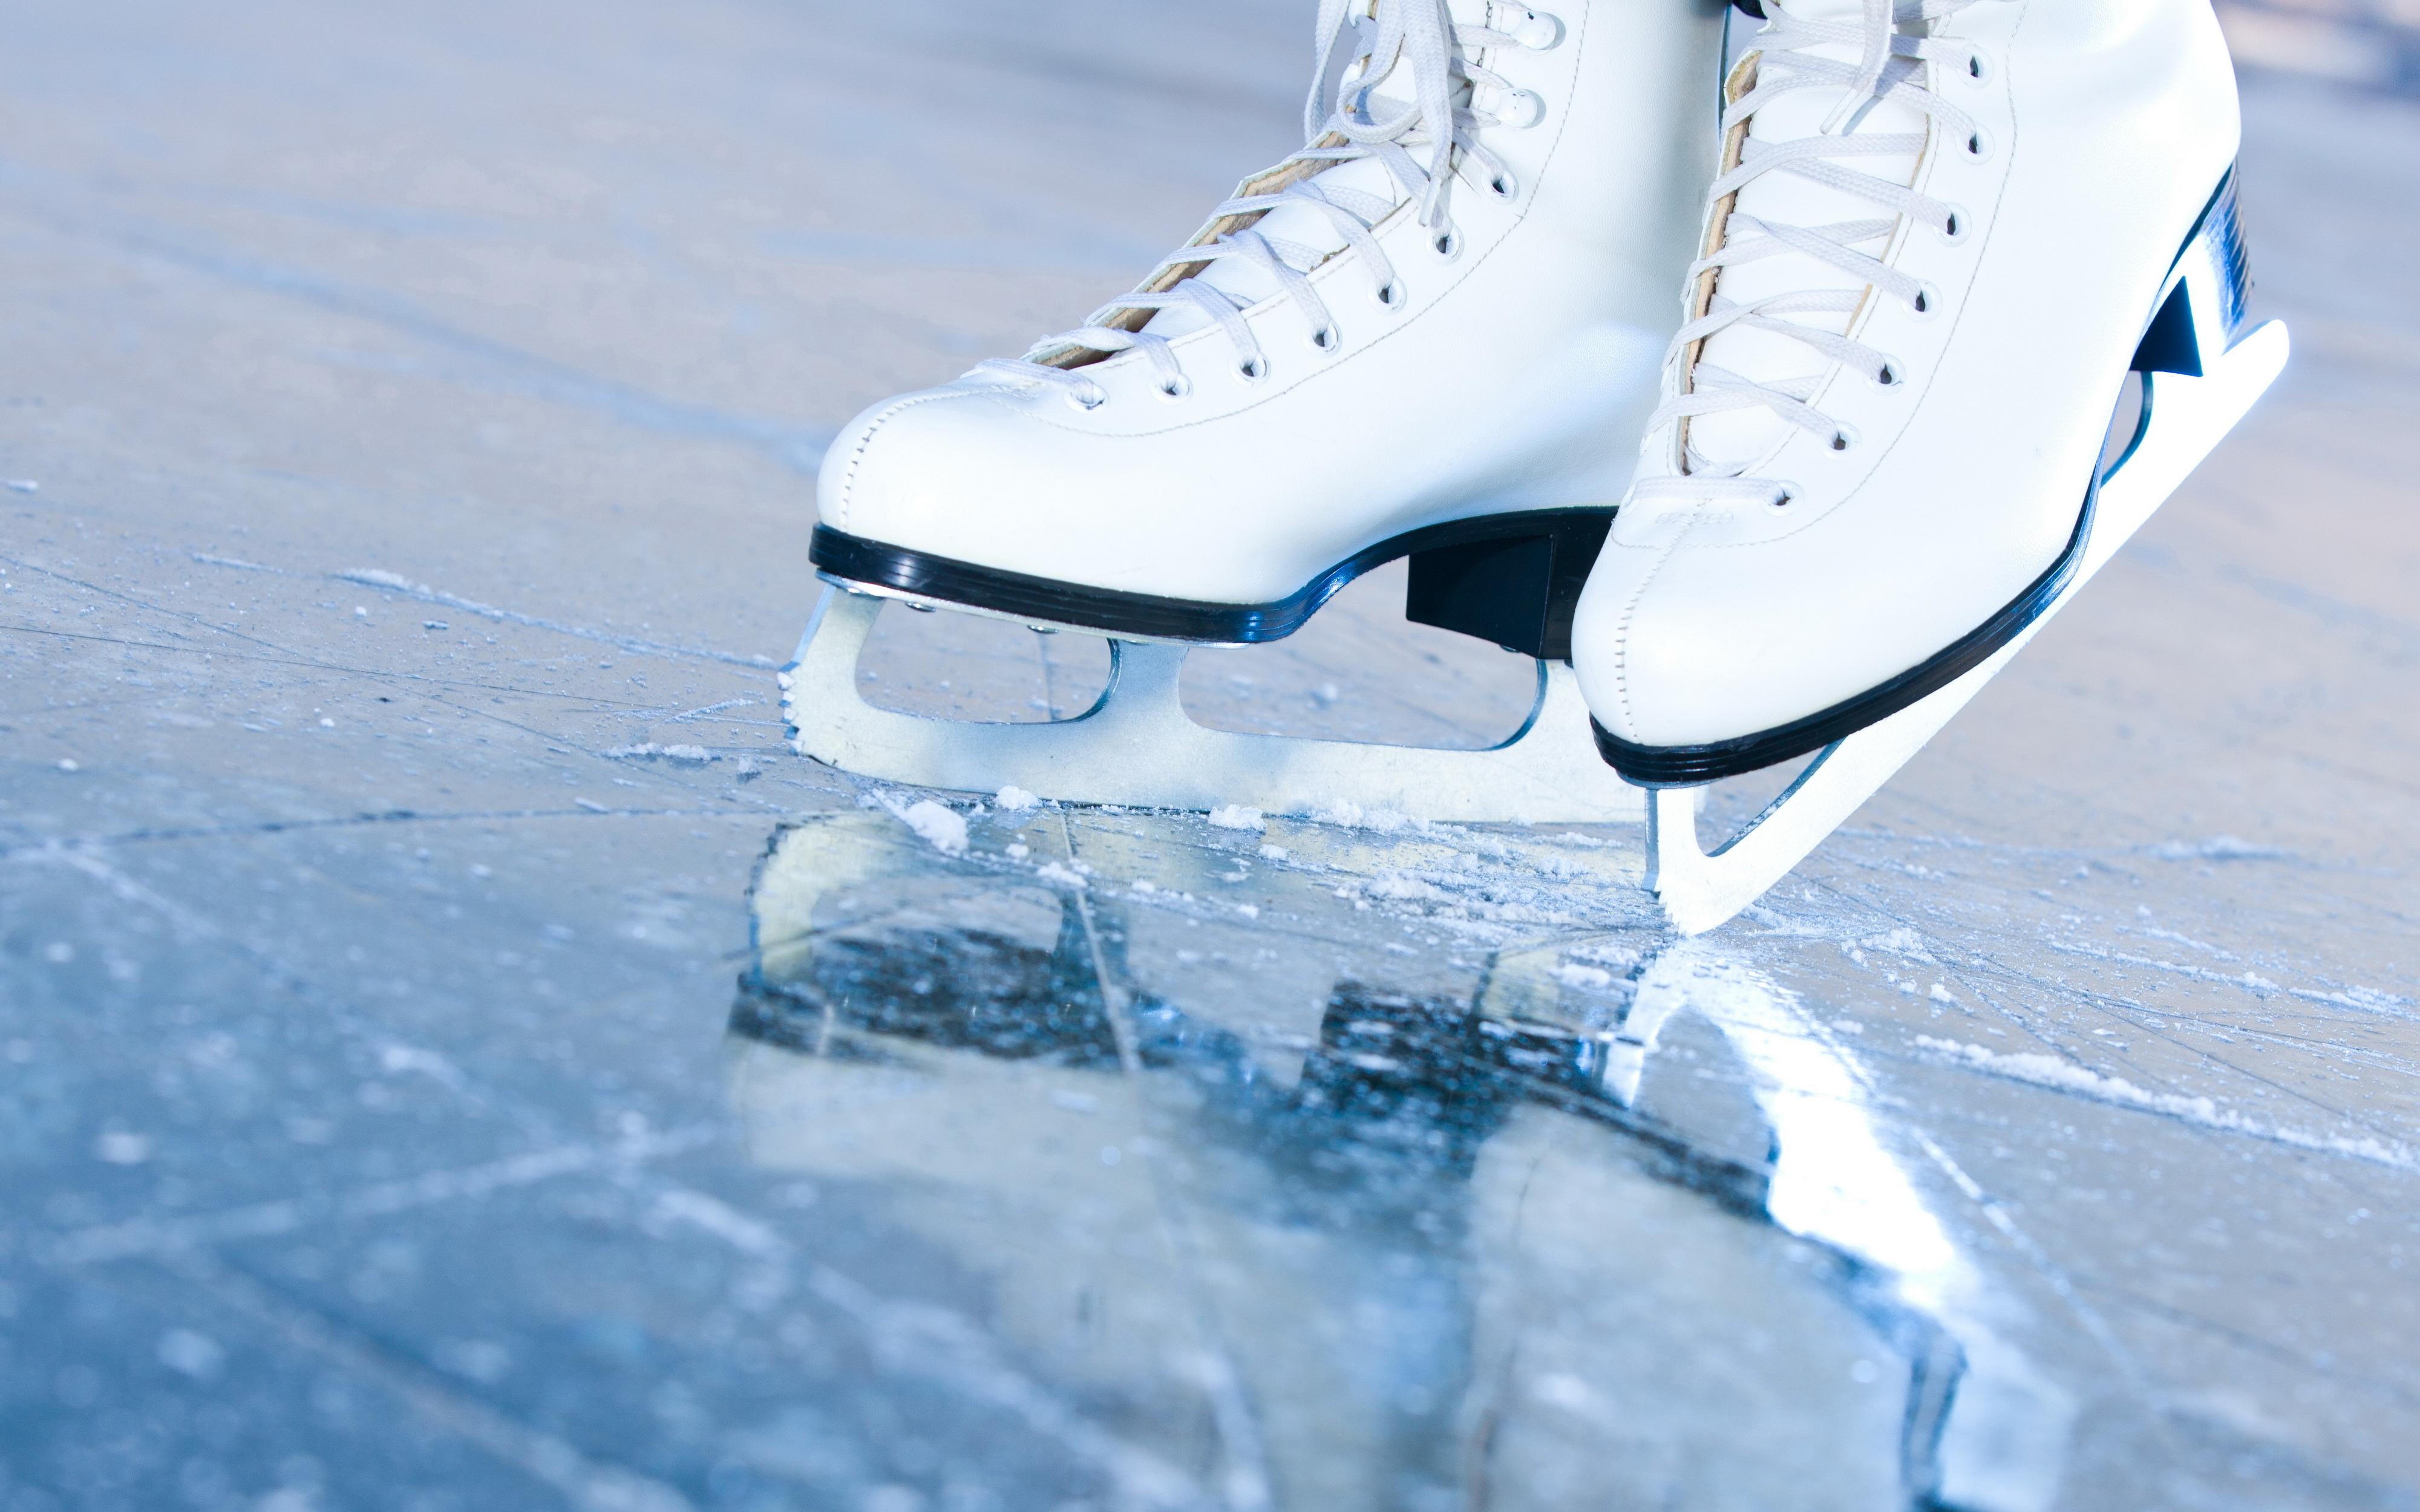 de patinaje sobre hielo en leganes: